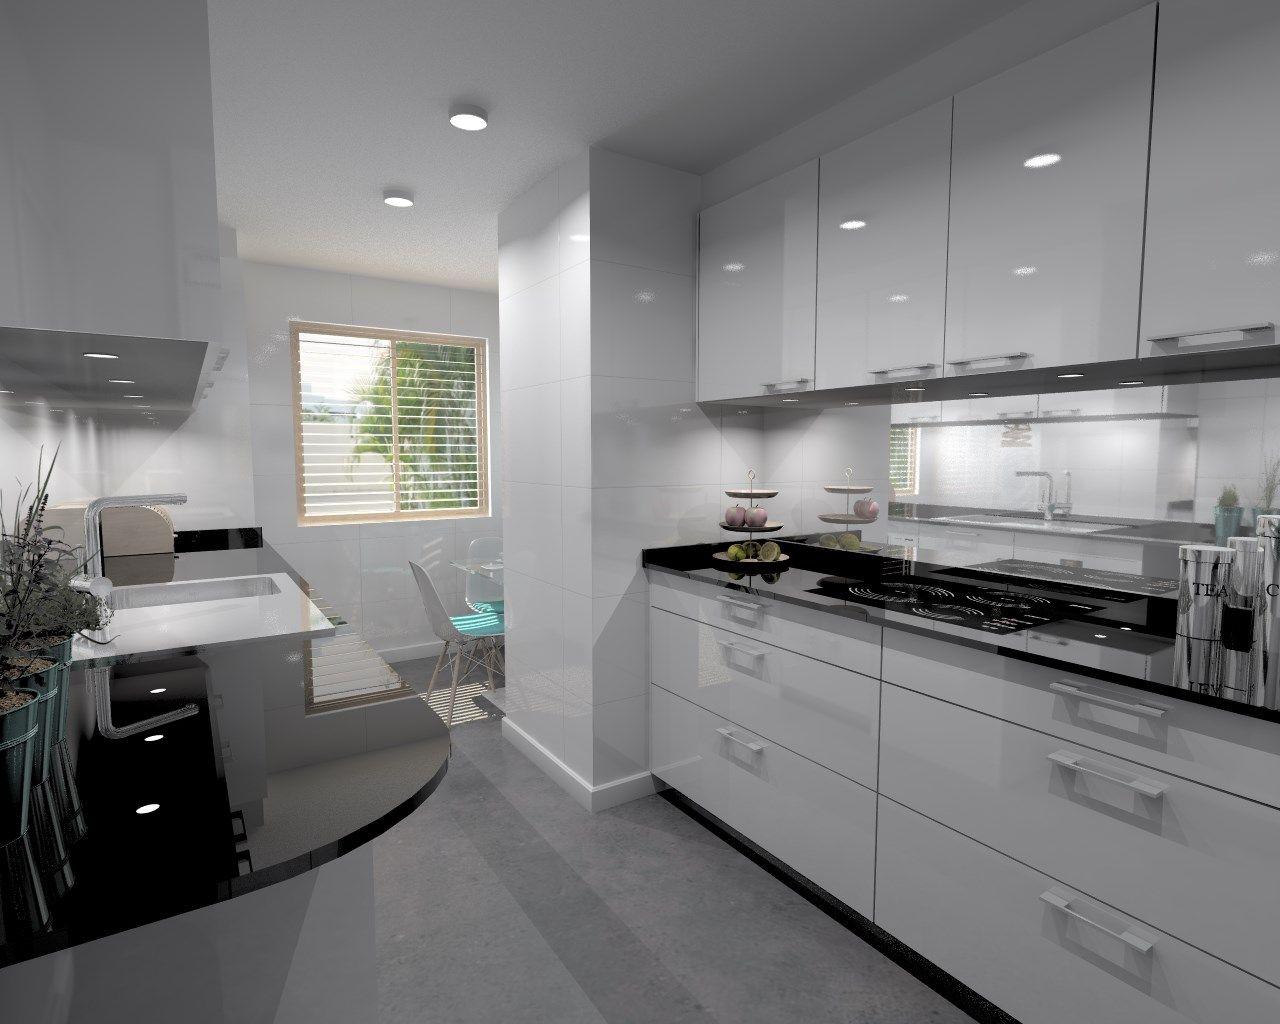 Cocina santos modelo plano laminado blanco brillo con - Encimera granito blanco ...